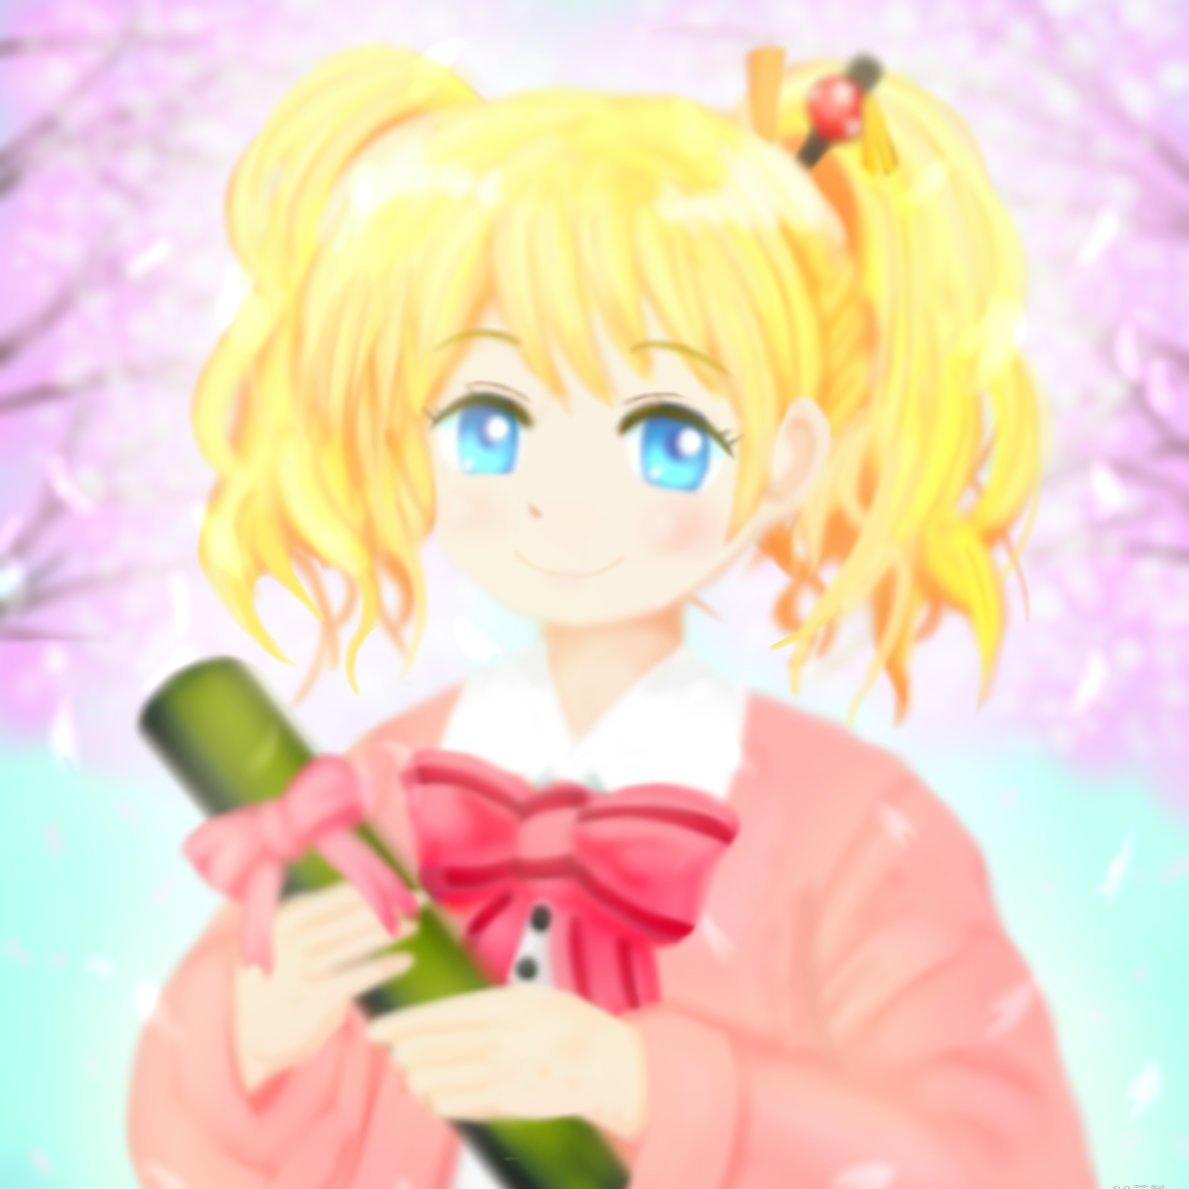 【アリス生誕祭2020】卒業&誕生日おめでとう!   nanonano38 #pixiv 早速pixivにアップ!(`・ω・´)